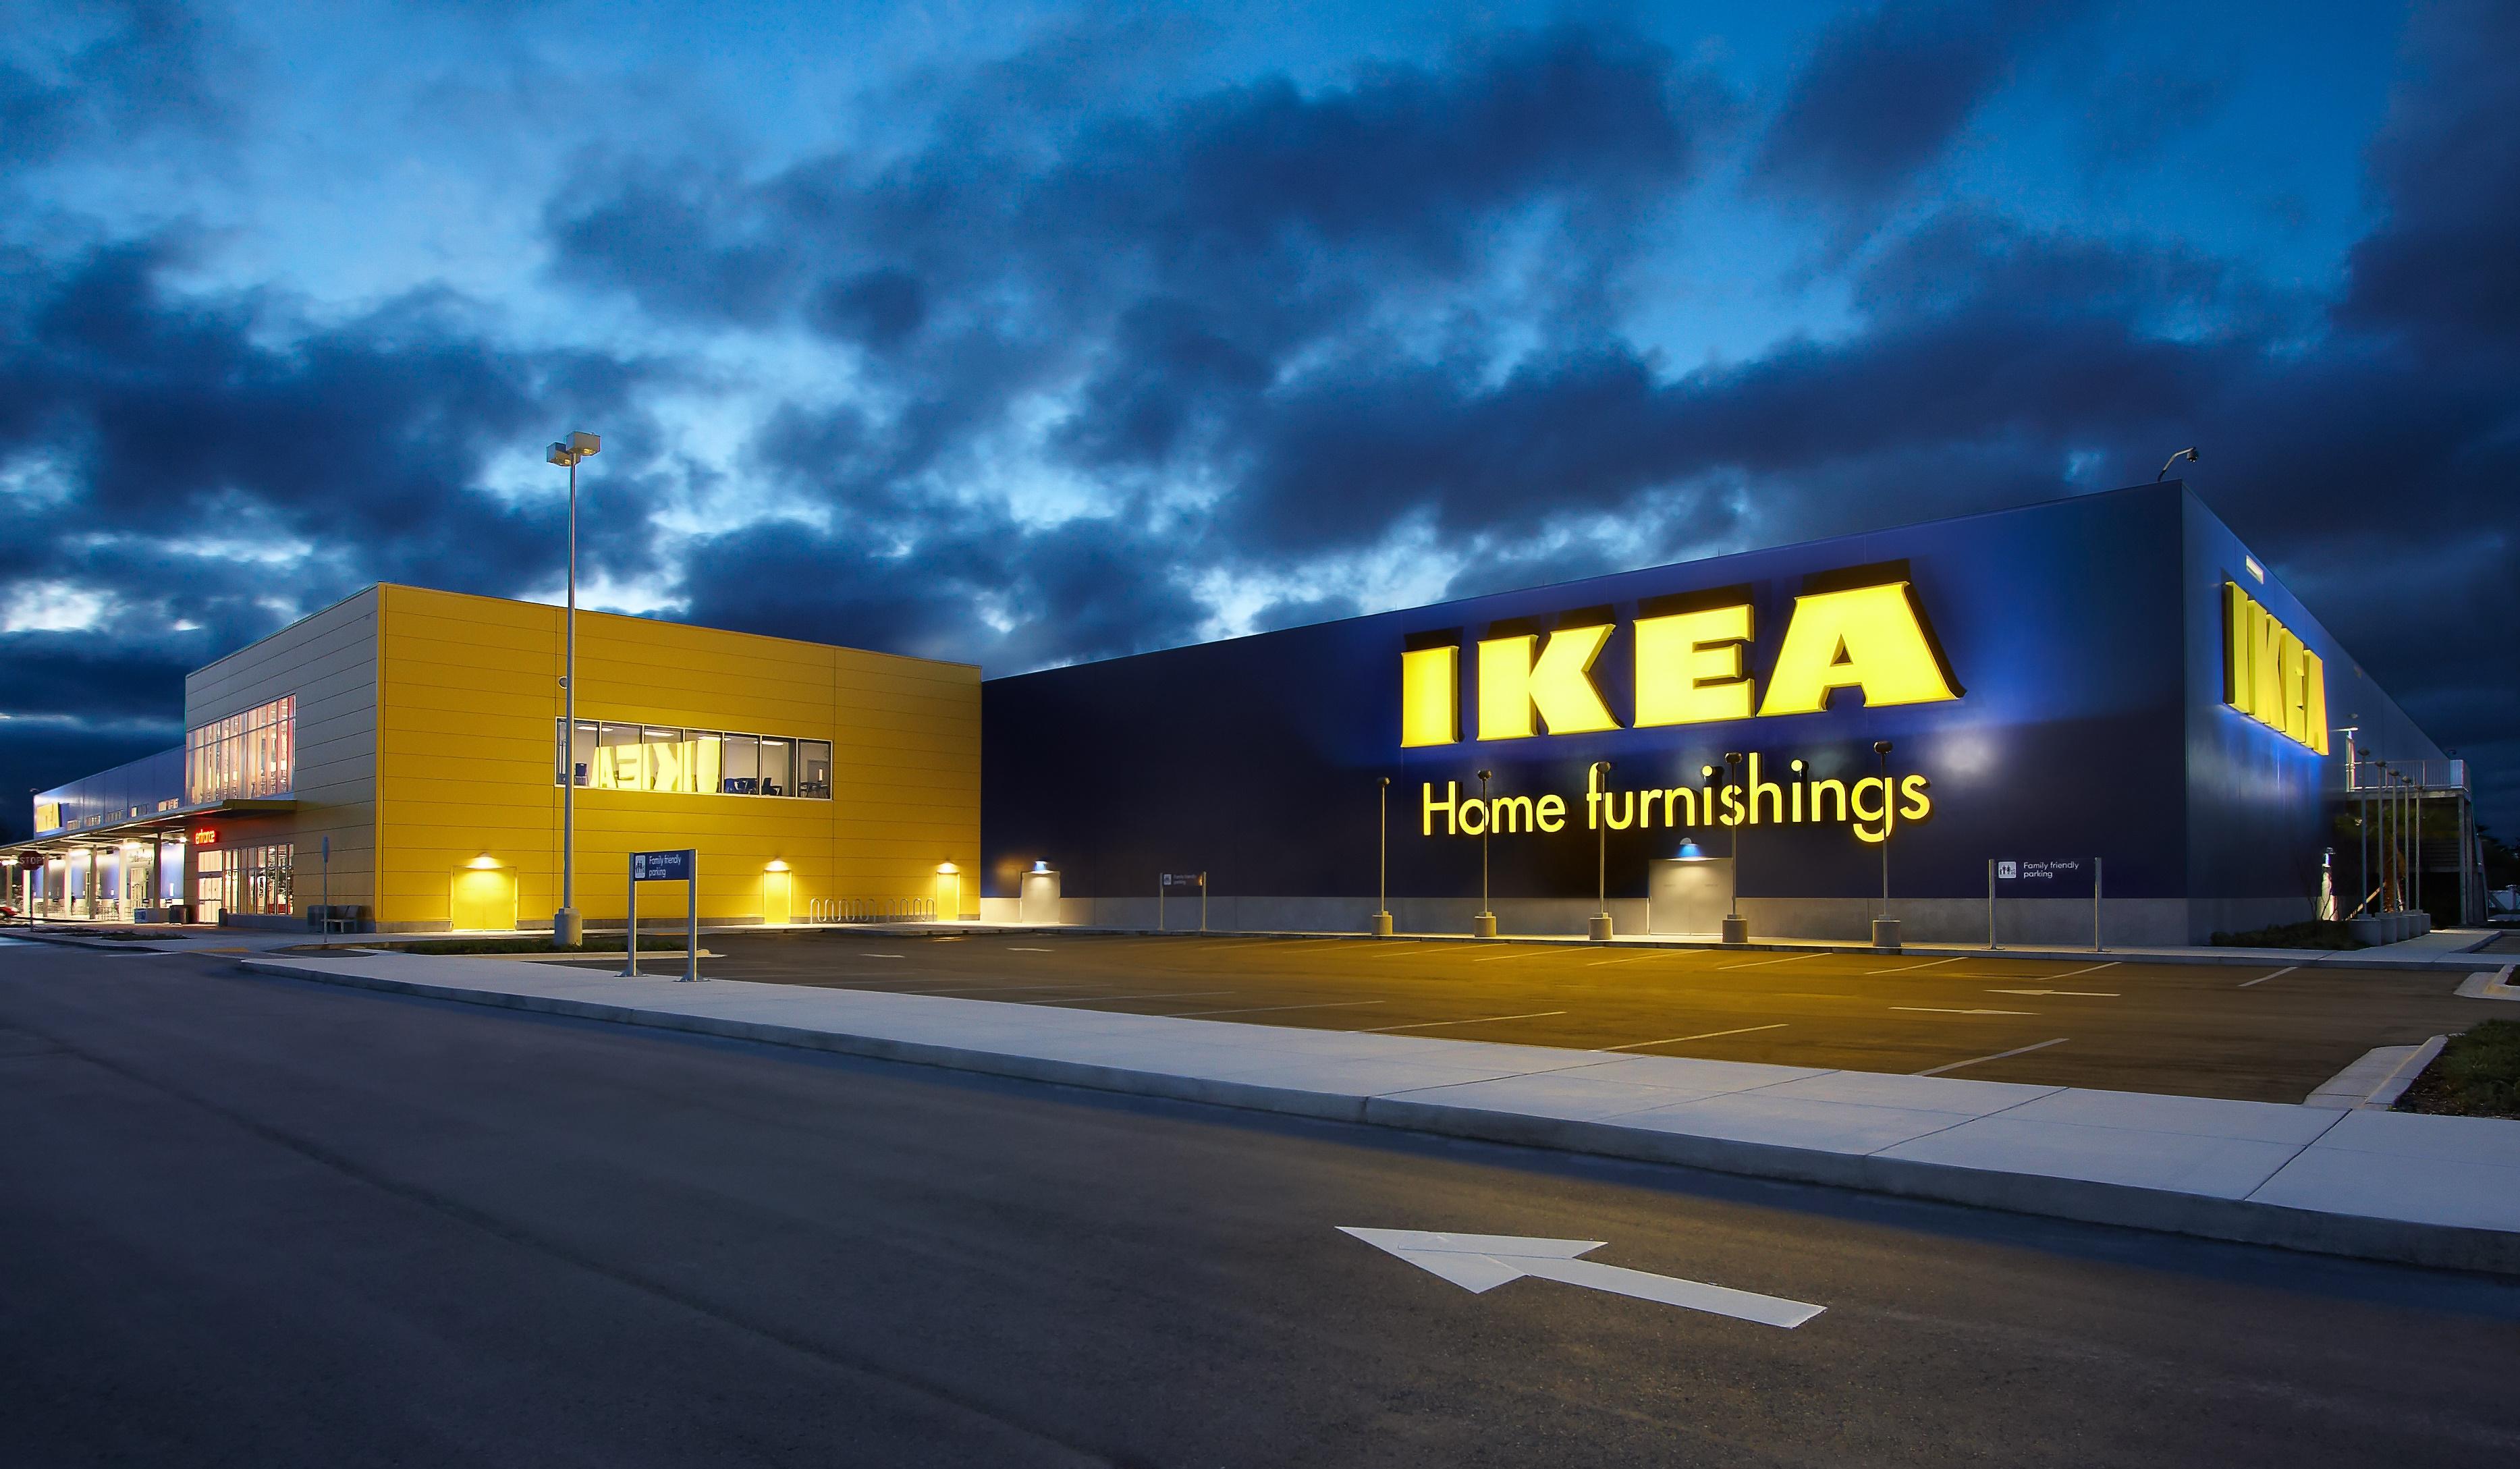 I prodotti dell 39 ikea nel mirino l 39 accusa choc sono pericolosi - Ikea prodotti per ufficio ...